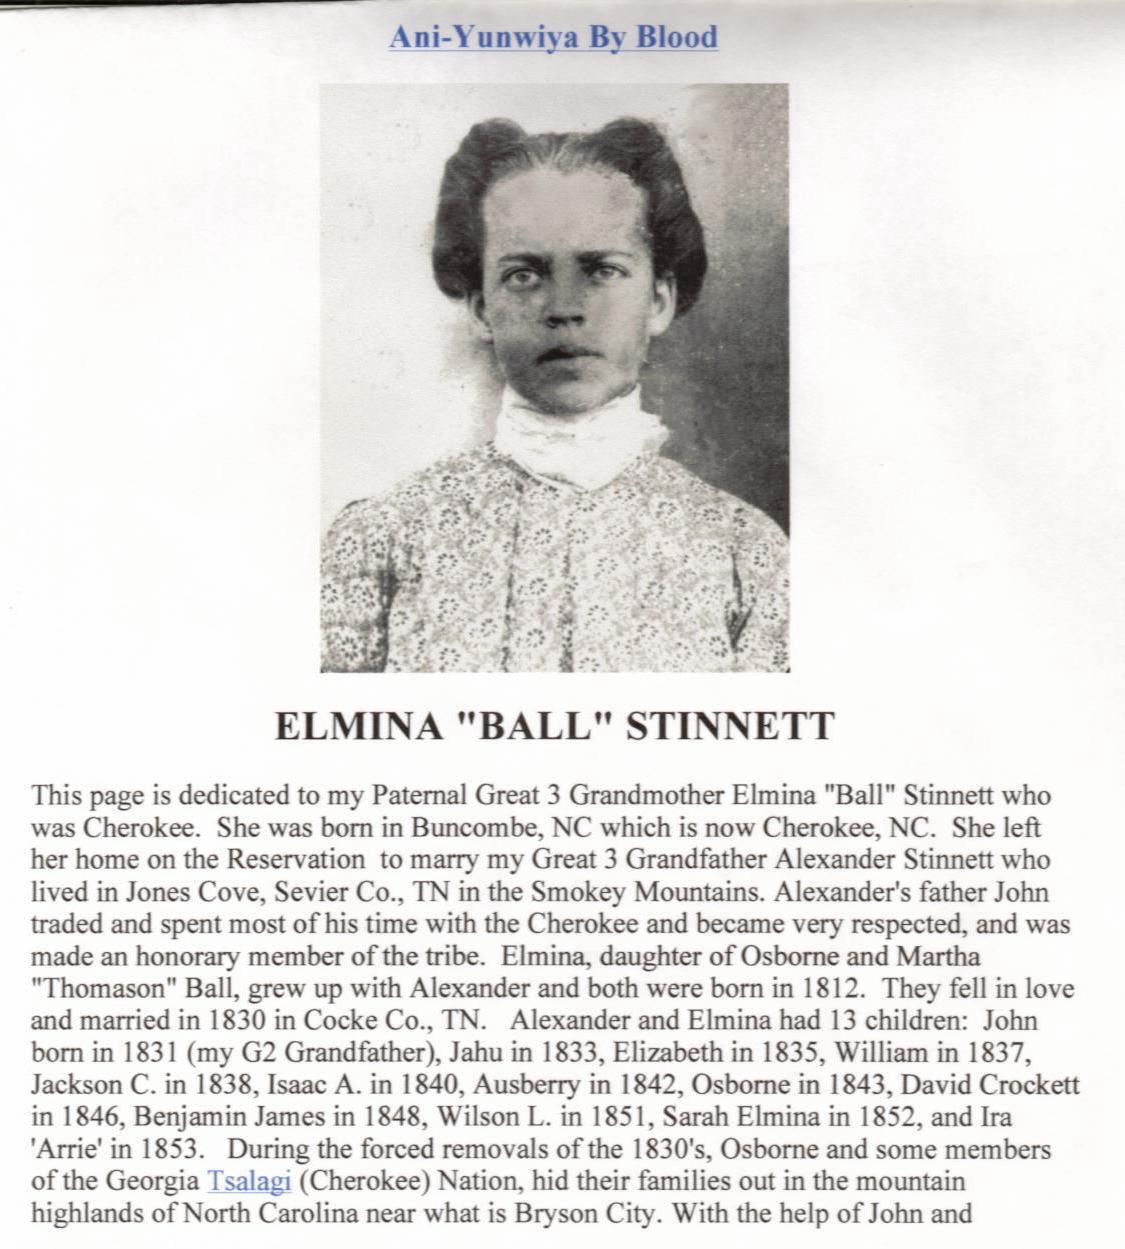 Elmina Ball